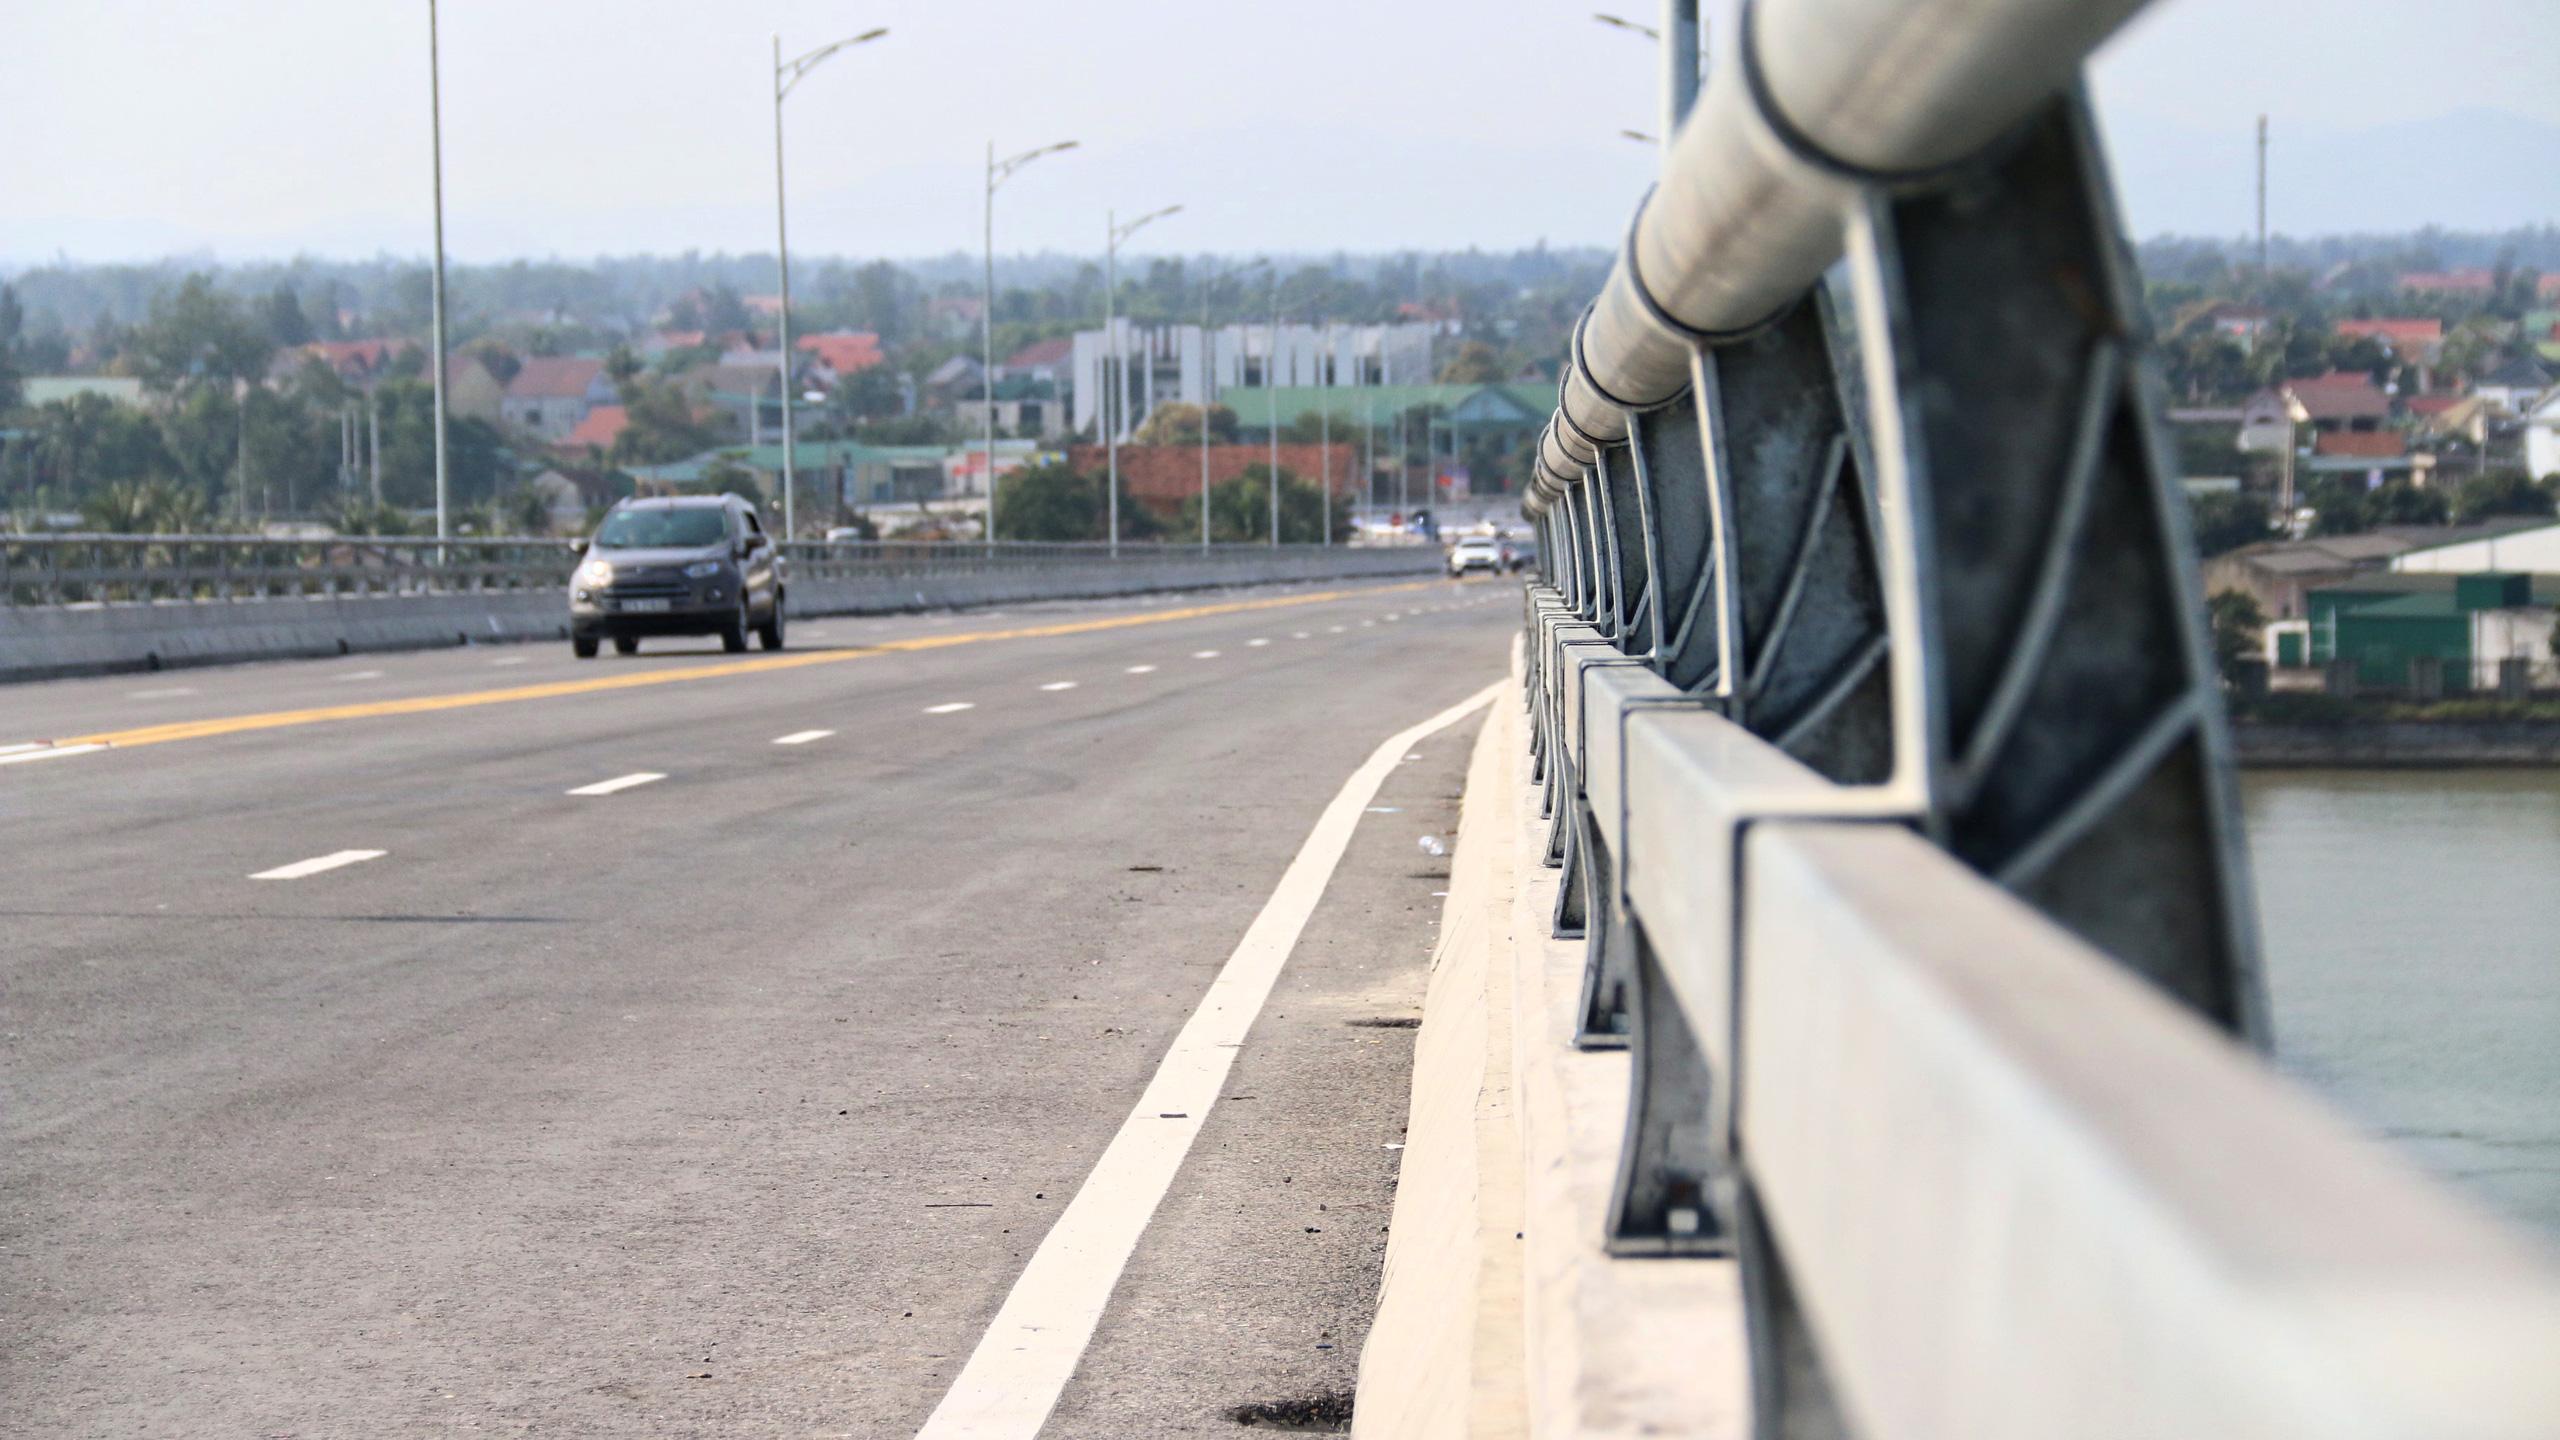 Người dân Nghệ An, Hà Tĩnh du xuân trên cầu gần nghìn tỷ vừa thông xe - Ảnh 10.